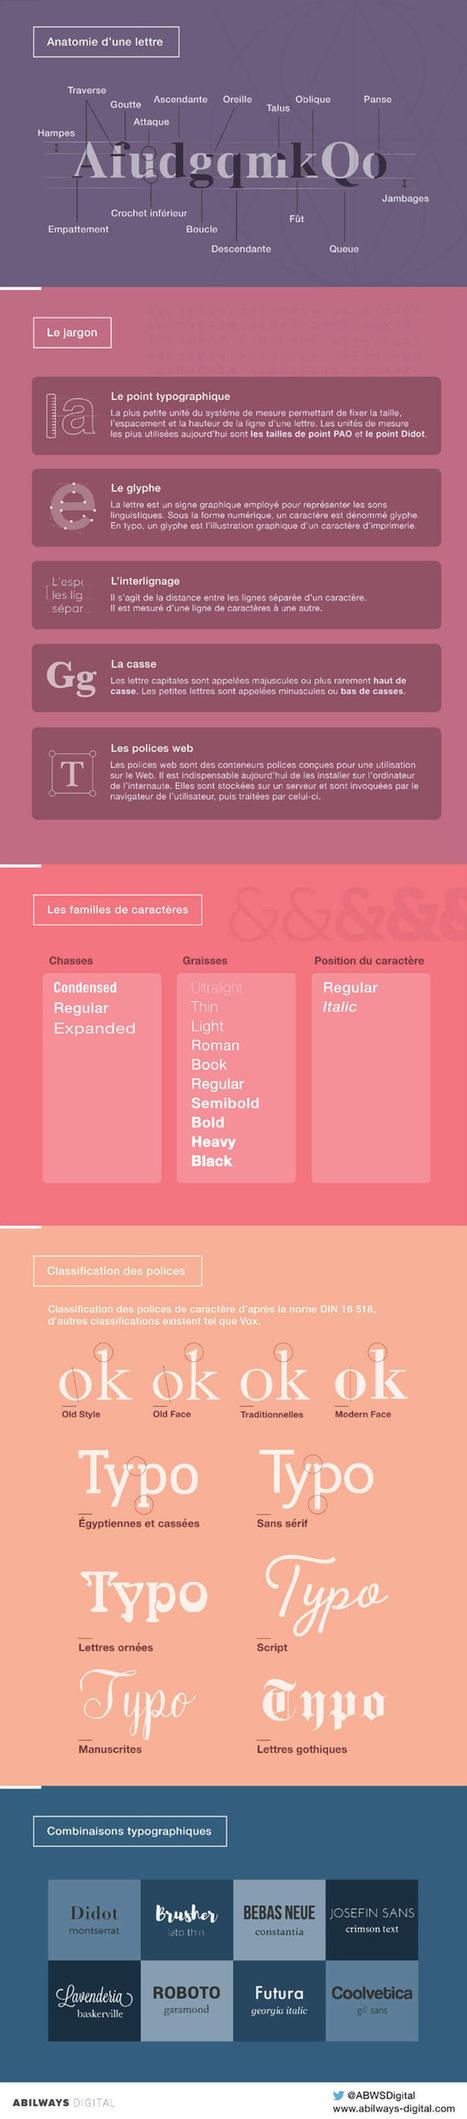 Toutes les règles typographiques en infographie | Geeks | Scoop.it